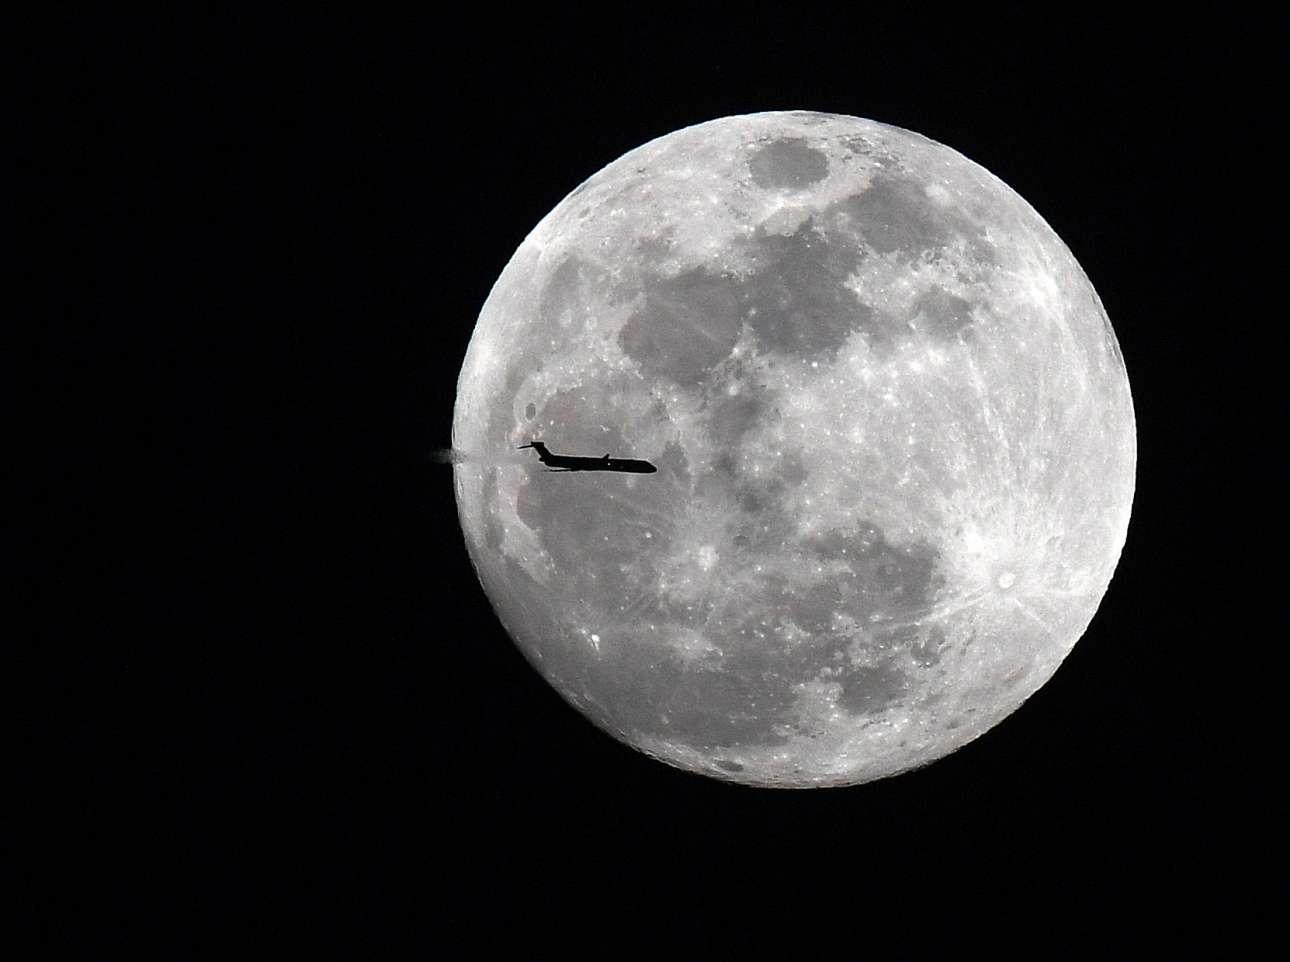 Αεροπλάνο της εταιρείας Delta με φόντο την υπερ-Σελήνη, πάνω από την Τζόρτζια των ΗΠΑ. Το ξεχωριστό ουράνιο φαινόμενο ξεκίνησε την Τρίτη 30 Ιανουαρίου και κορυφώθηκε την Τετάρτη 31 Ιανουαρίου